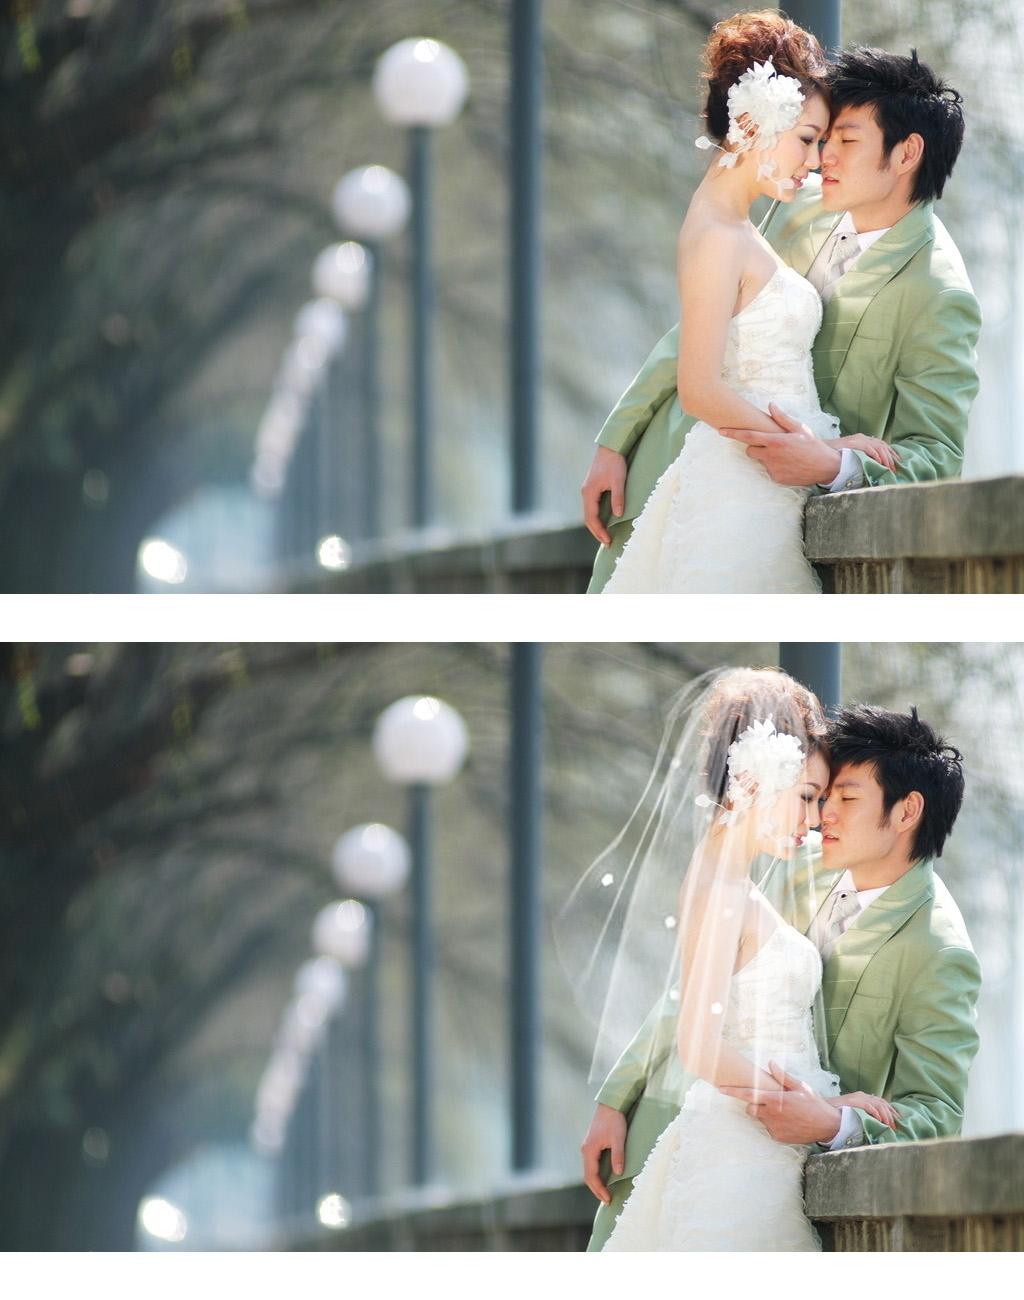 婚紗照沒帶頭紗可以合成嗎圖片